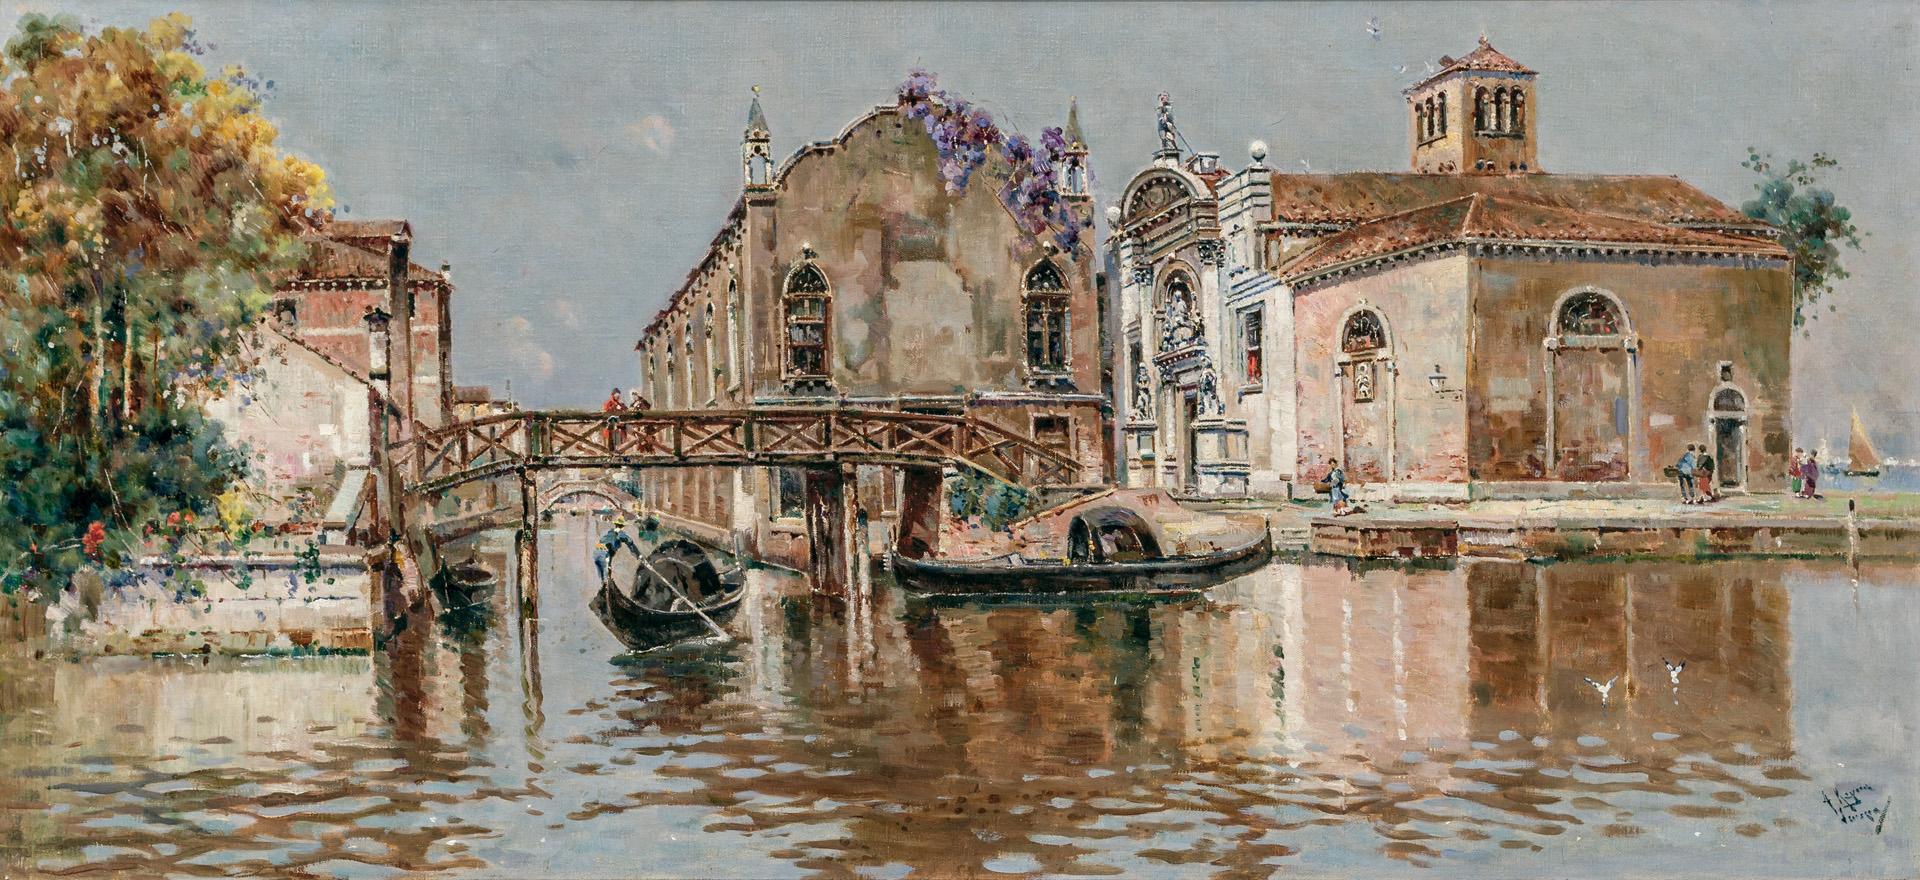 """ANTONIO MARIA DE REYNA MANESCAU, Spanish (1859-1937), Venetian Canal, oil on canvas, signed lower right """"A. Reyna Manescau"""", 14 x 29..."""